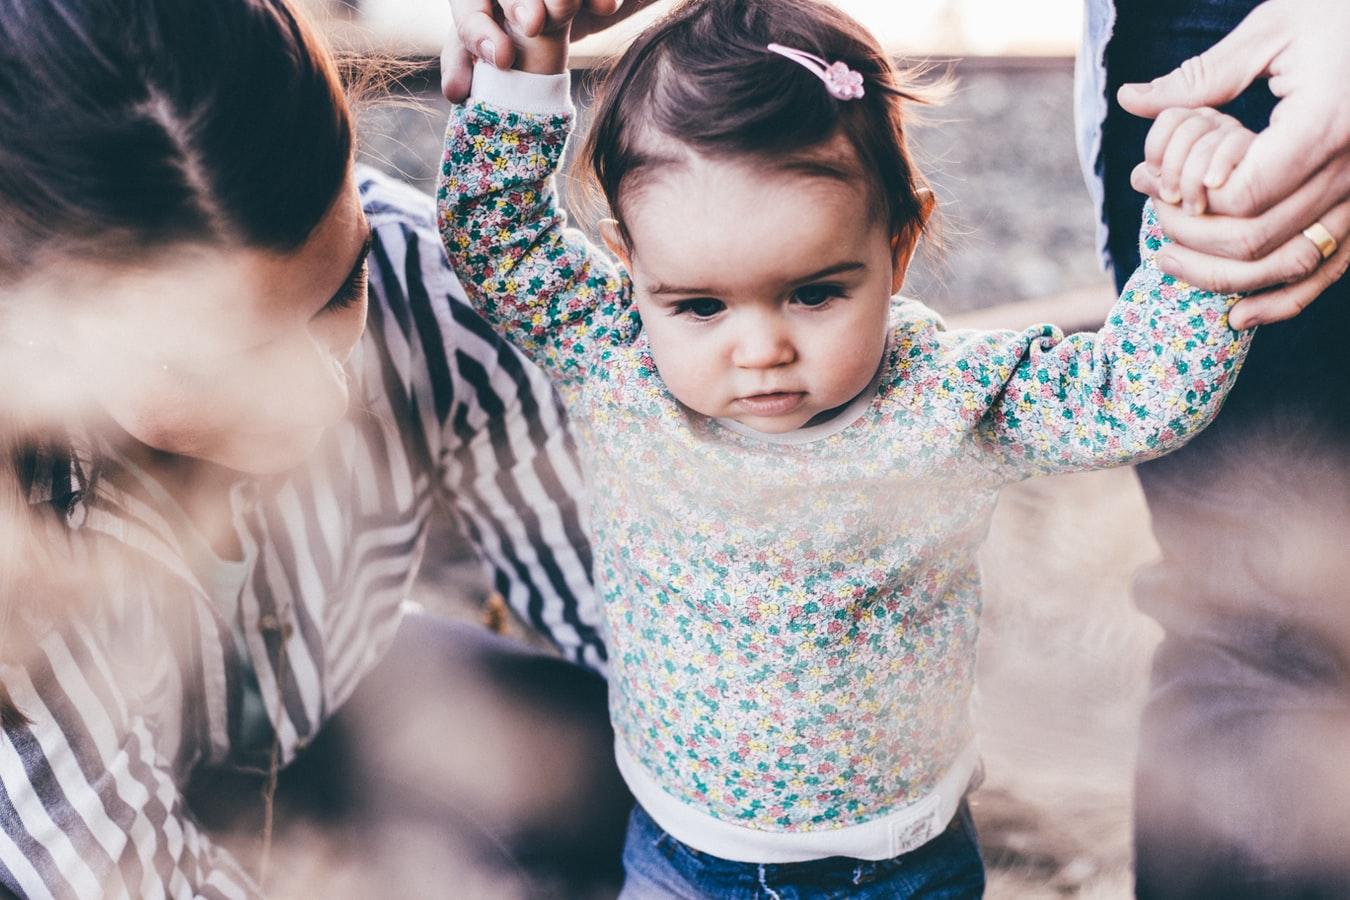 Osobe koje brinu o detetu oblikuju kakav će čovek postati. Zato dete traži pažnju roditelja i želi sa njima fizičku blizinu i emocionalnu bliskost.